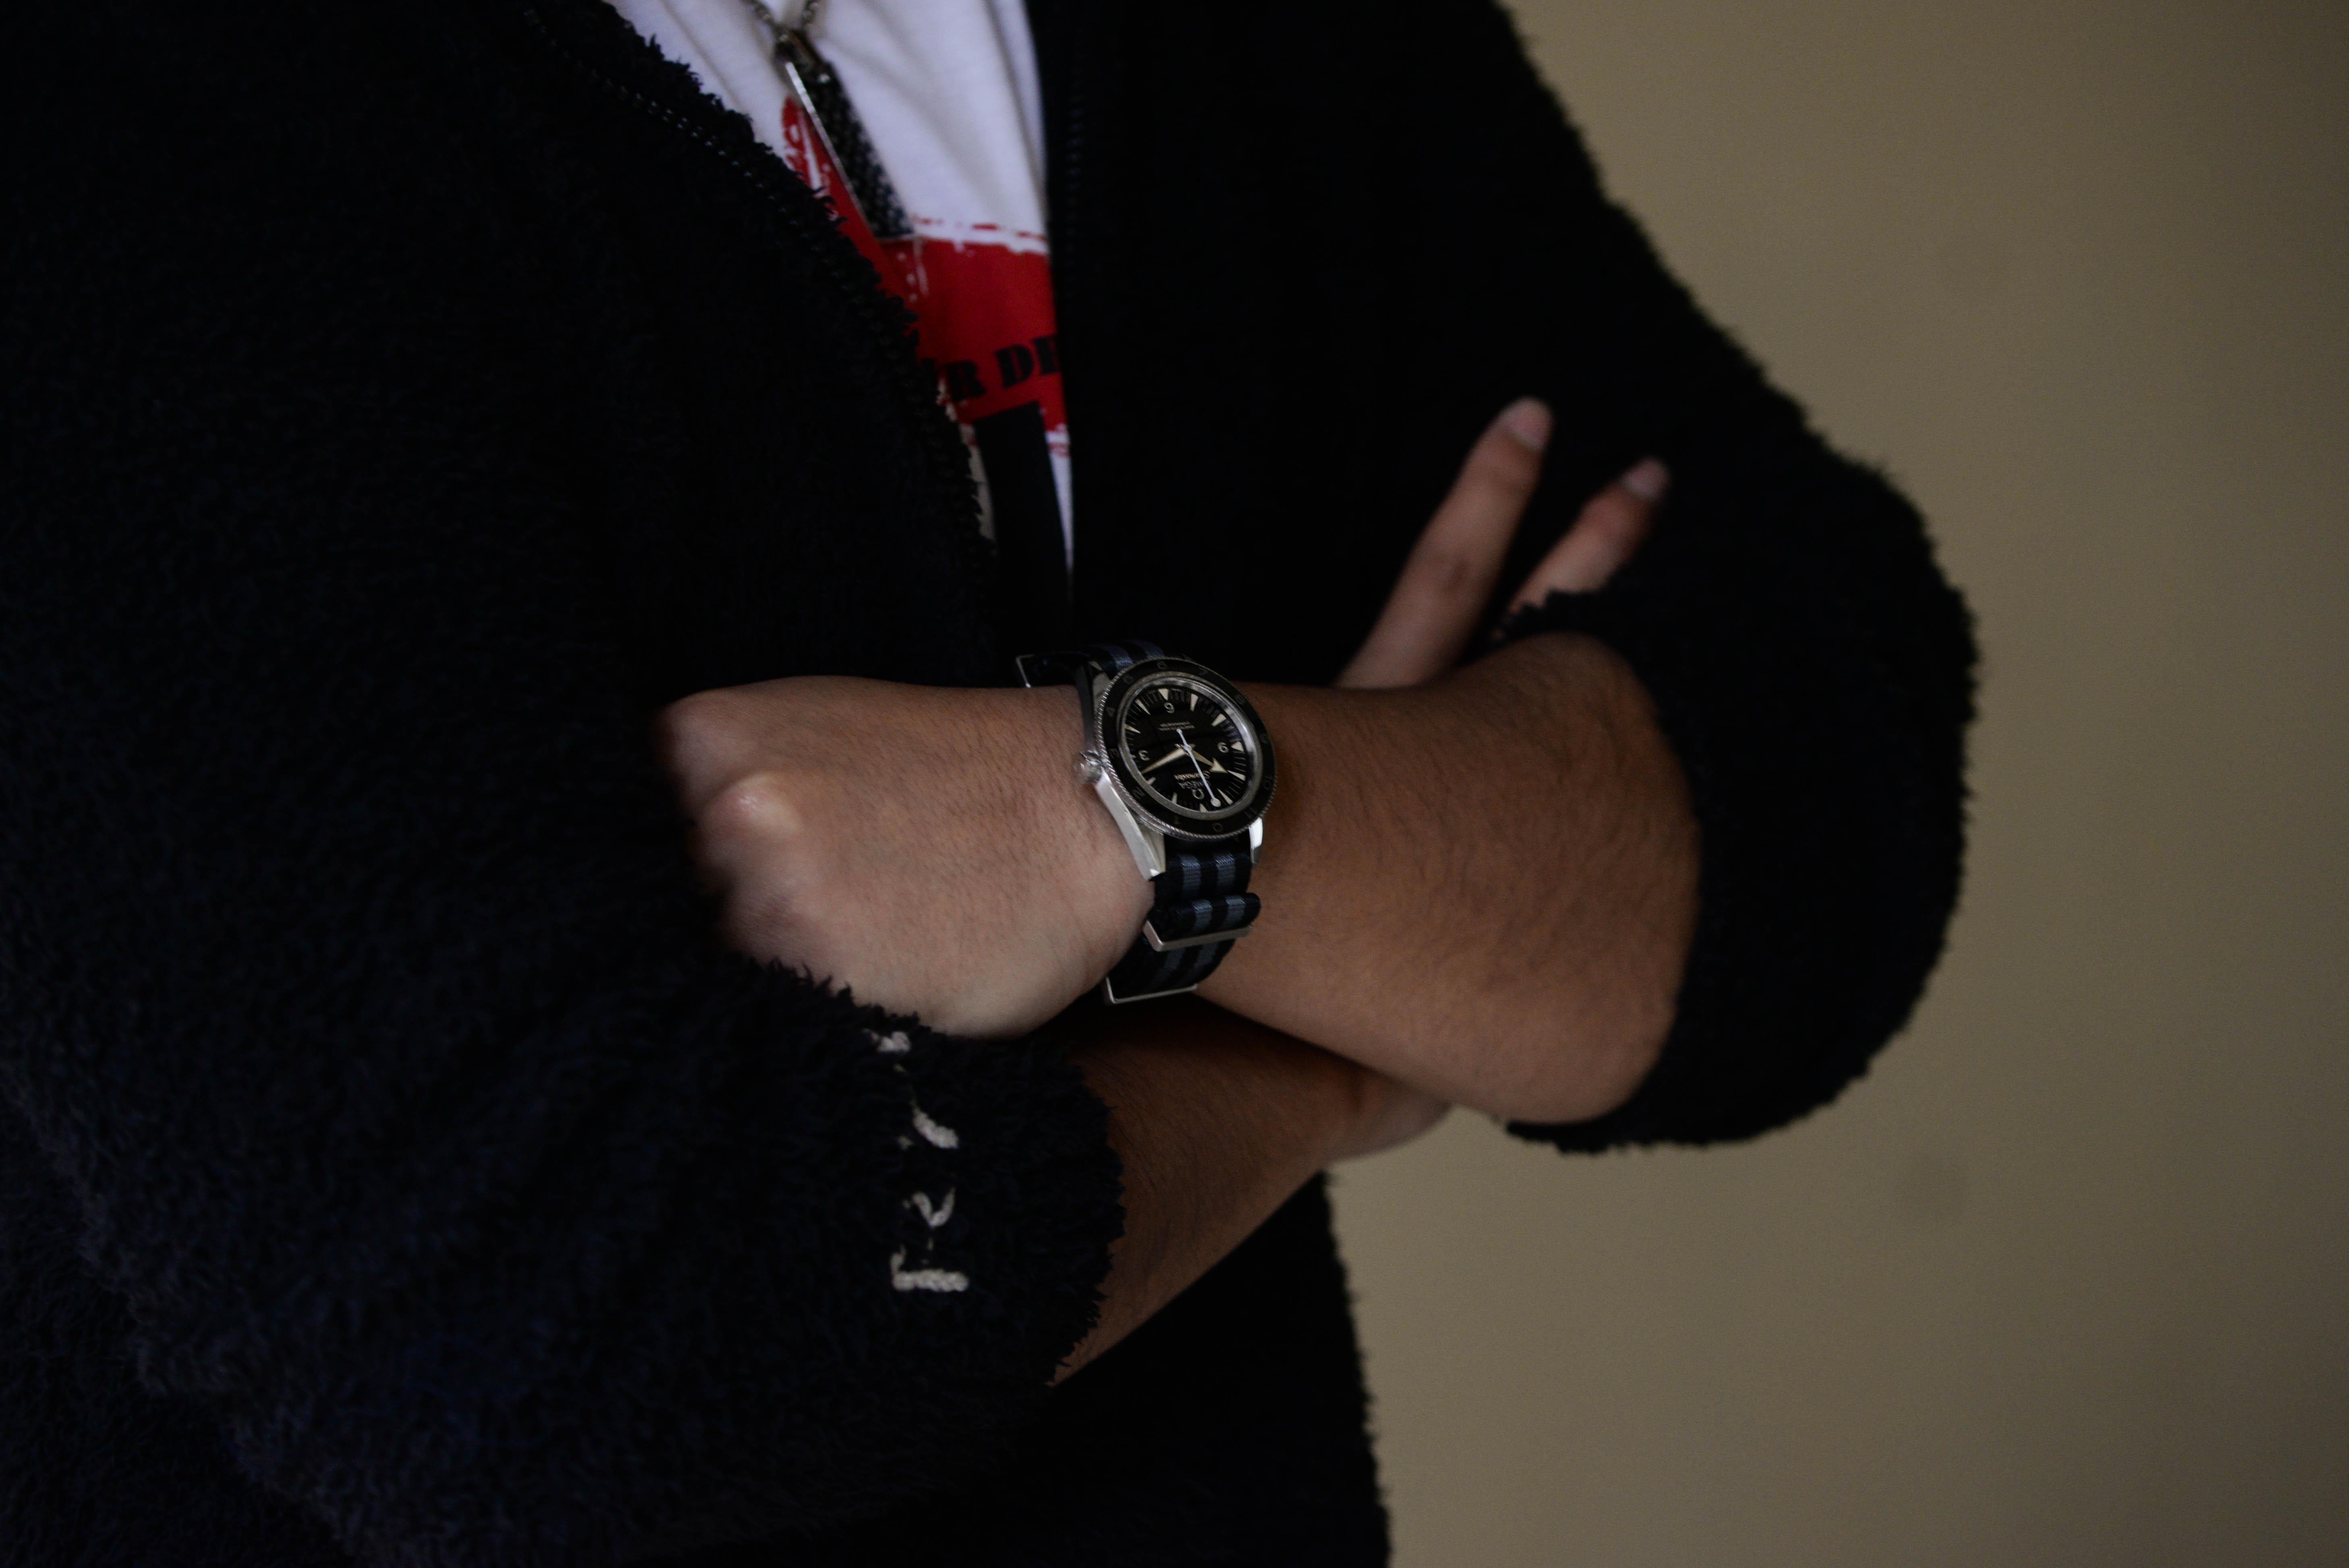 Sさんの腕時計はシーマスター 300